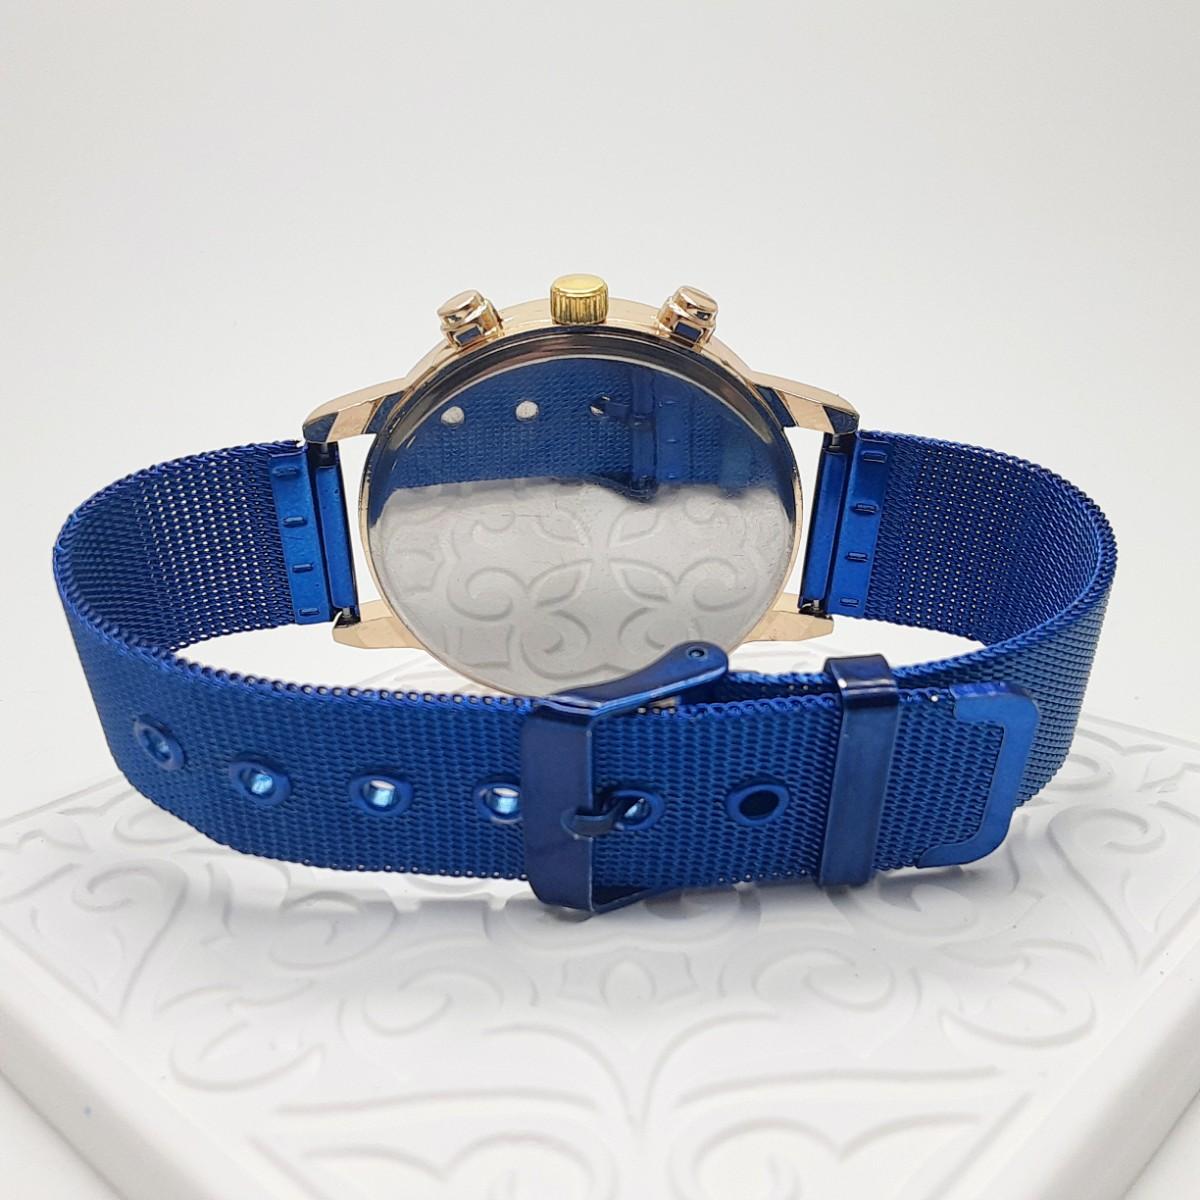 新品 デュアル クロノグラフタイプ YOLAKO 腕時計メンズ ラグジュアリー ブルー